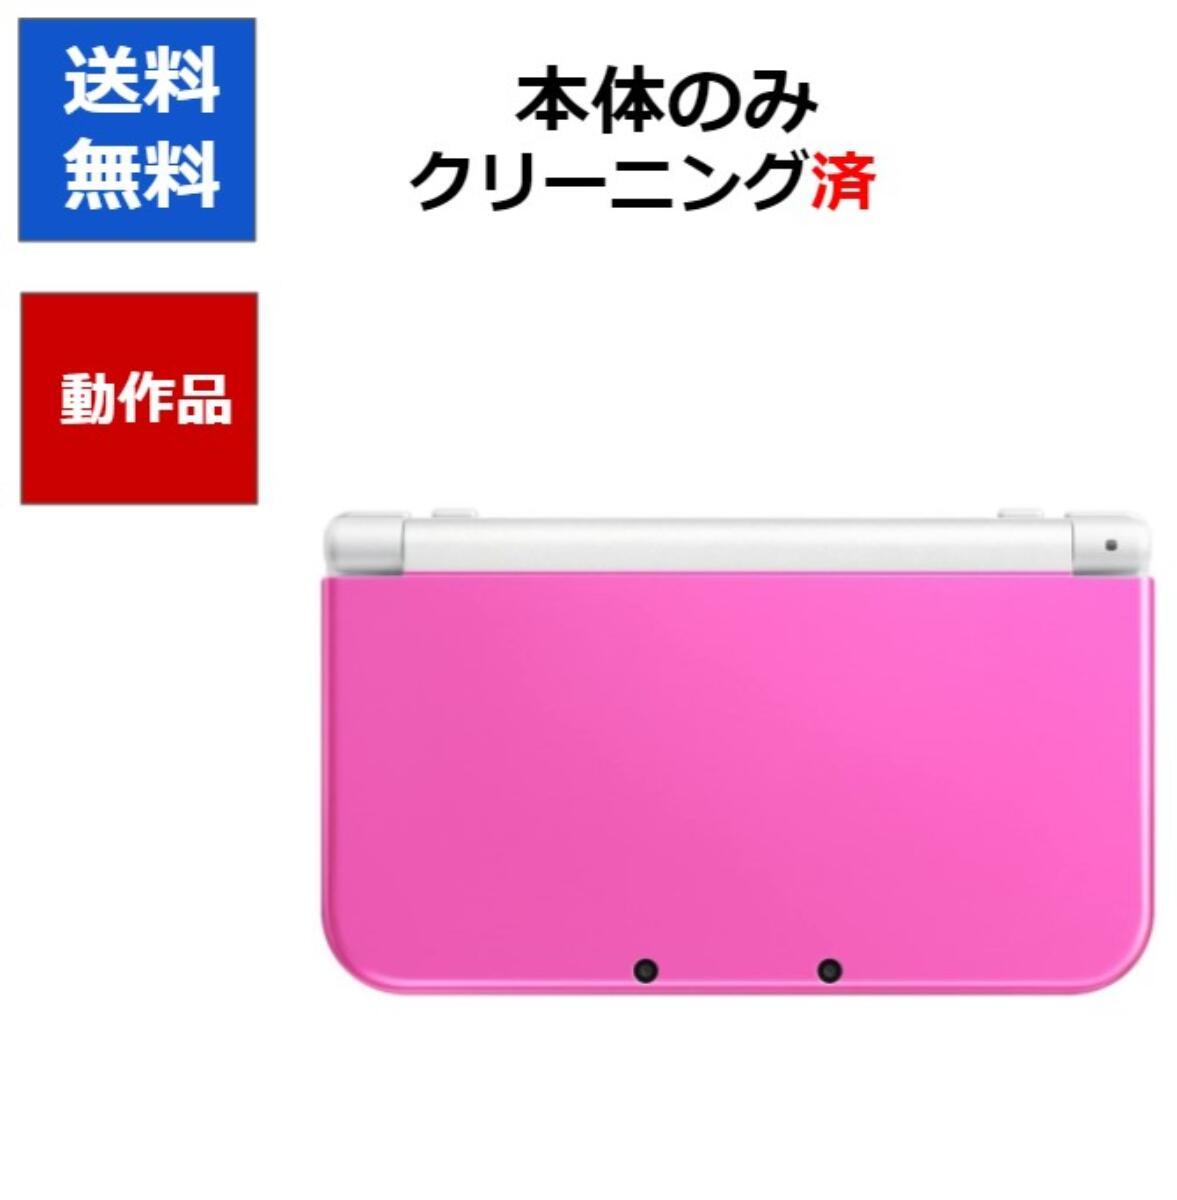 送料無料 New 3DSLL 全商品オープニング価格 ピンク 任天堂 中古 受賞店 本体のみ